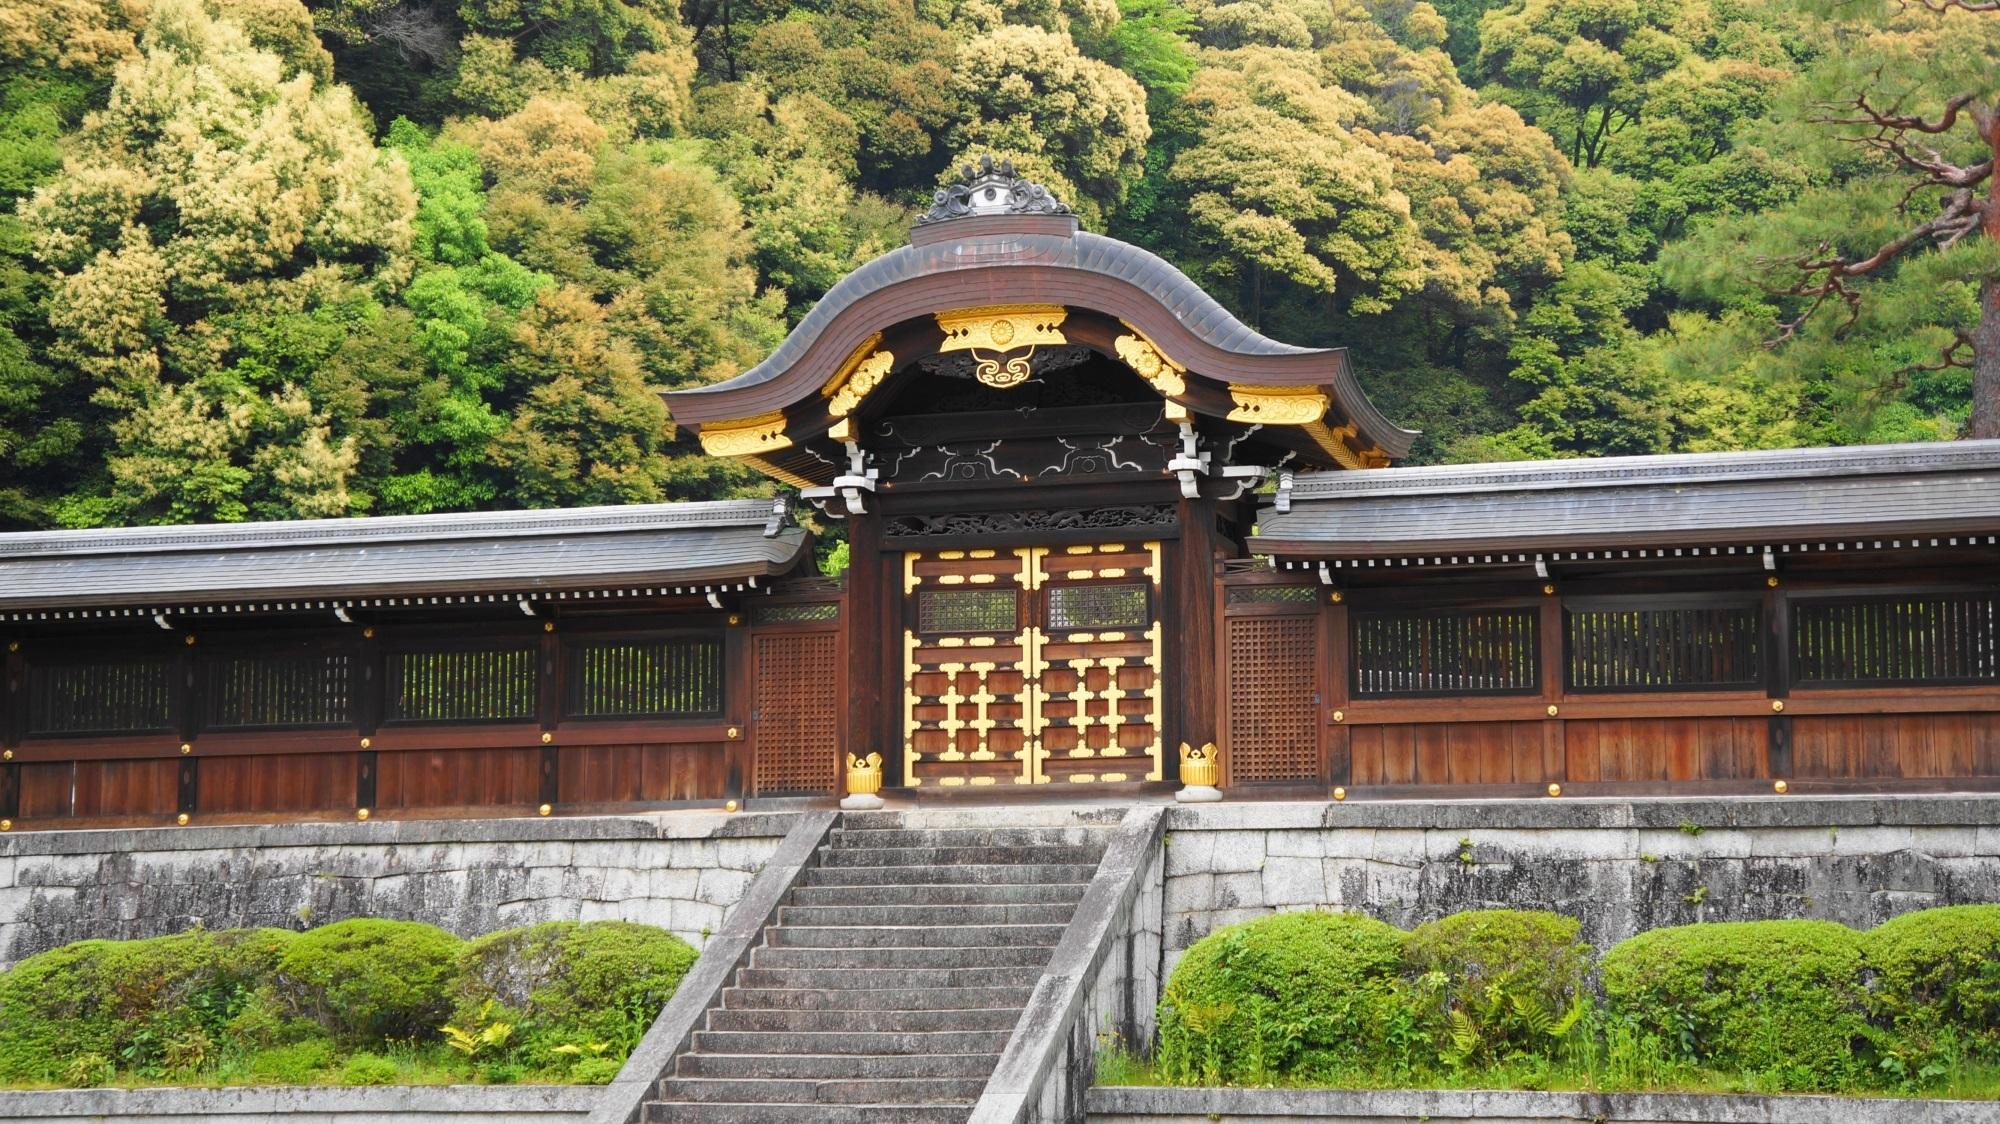 泉涌寺と今熊野観音寺 新緑と青もみじ さわやかな緑